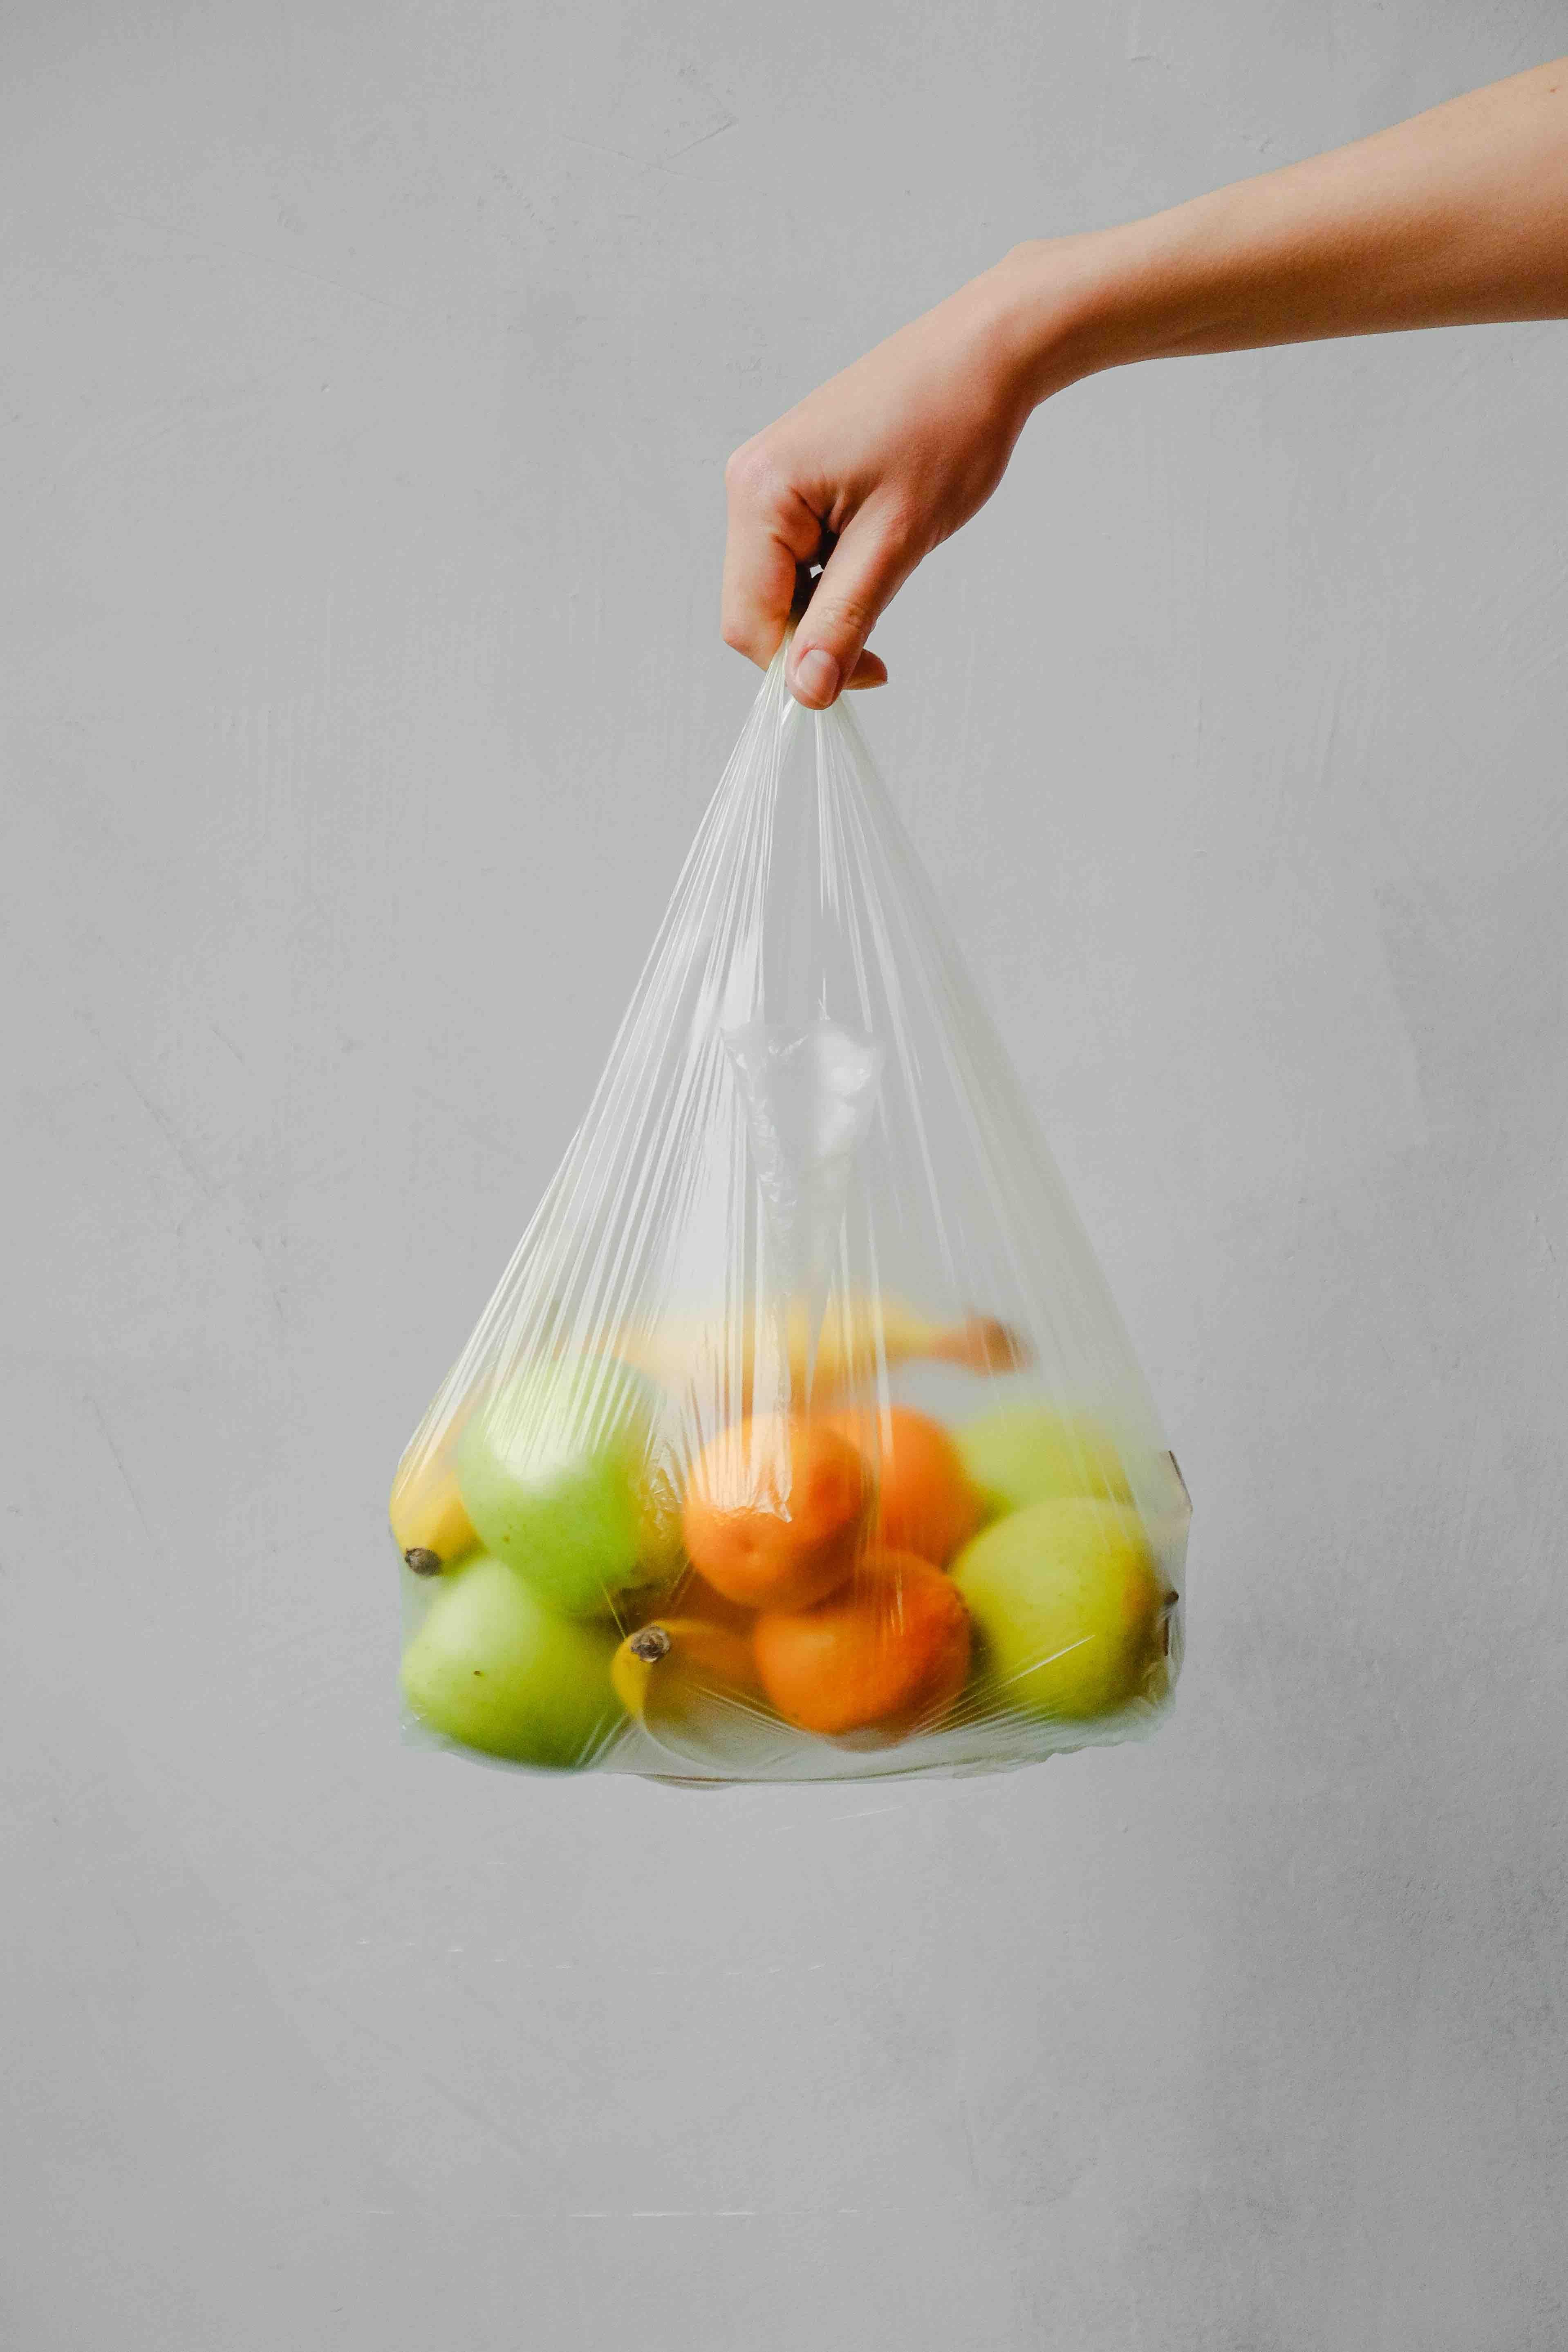 Nederlanders verspillen jaarlijks 2,5 miljard euro aan voedsel